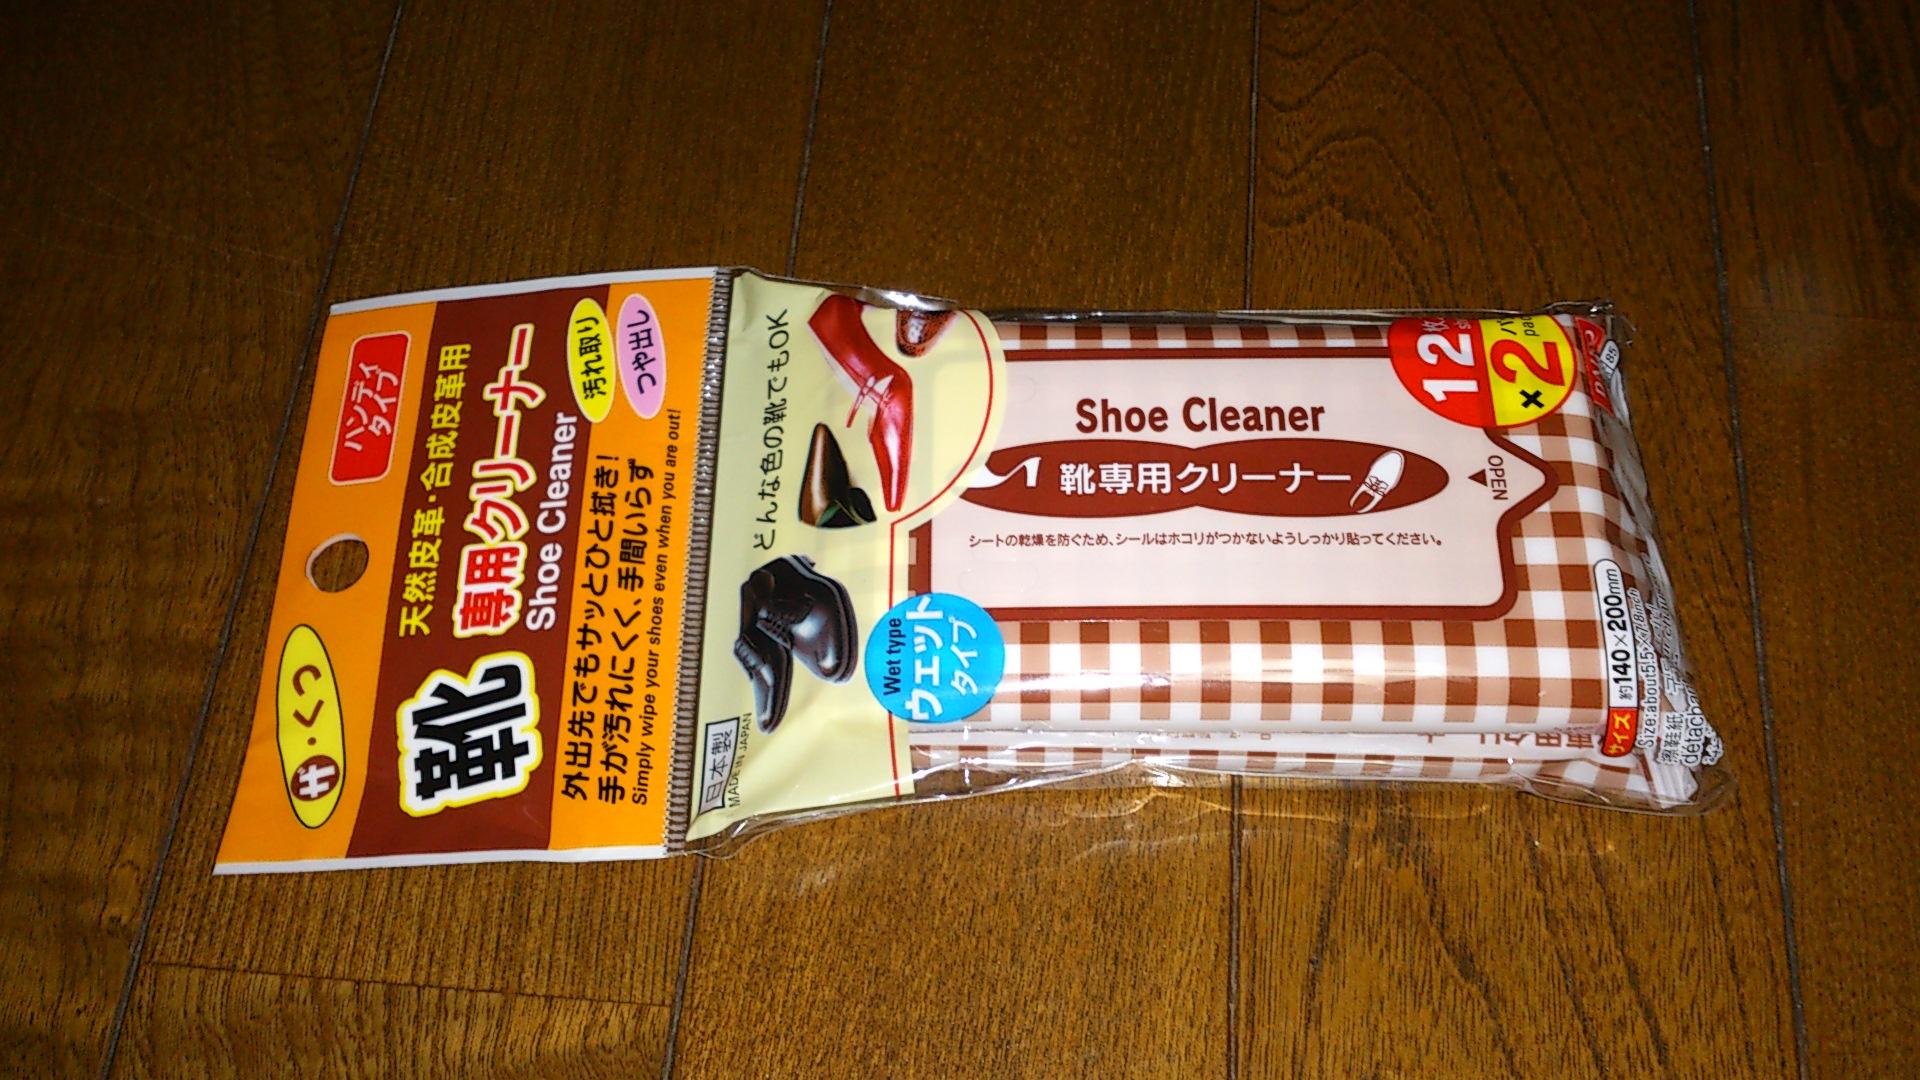 靴磨きは100均で十分?ダイソー製を試してみた